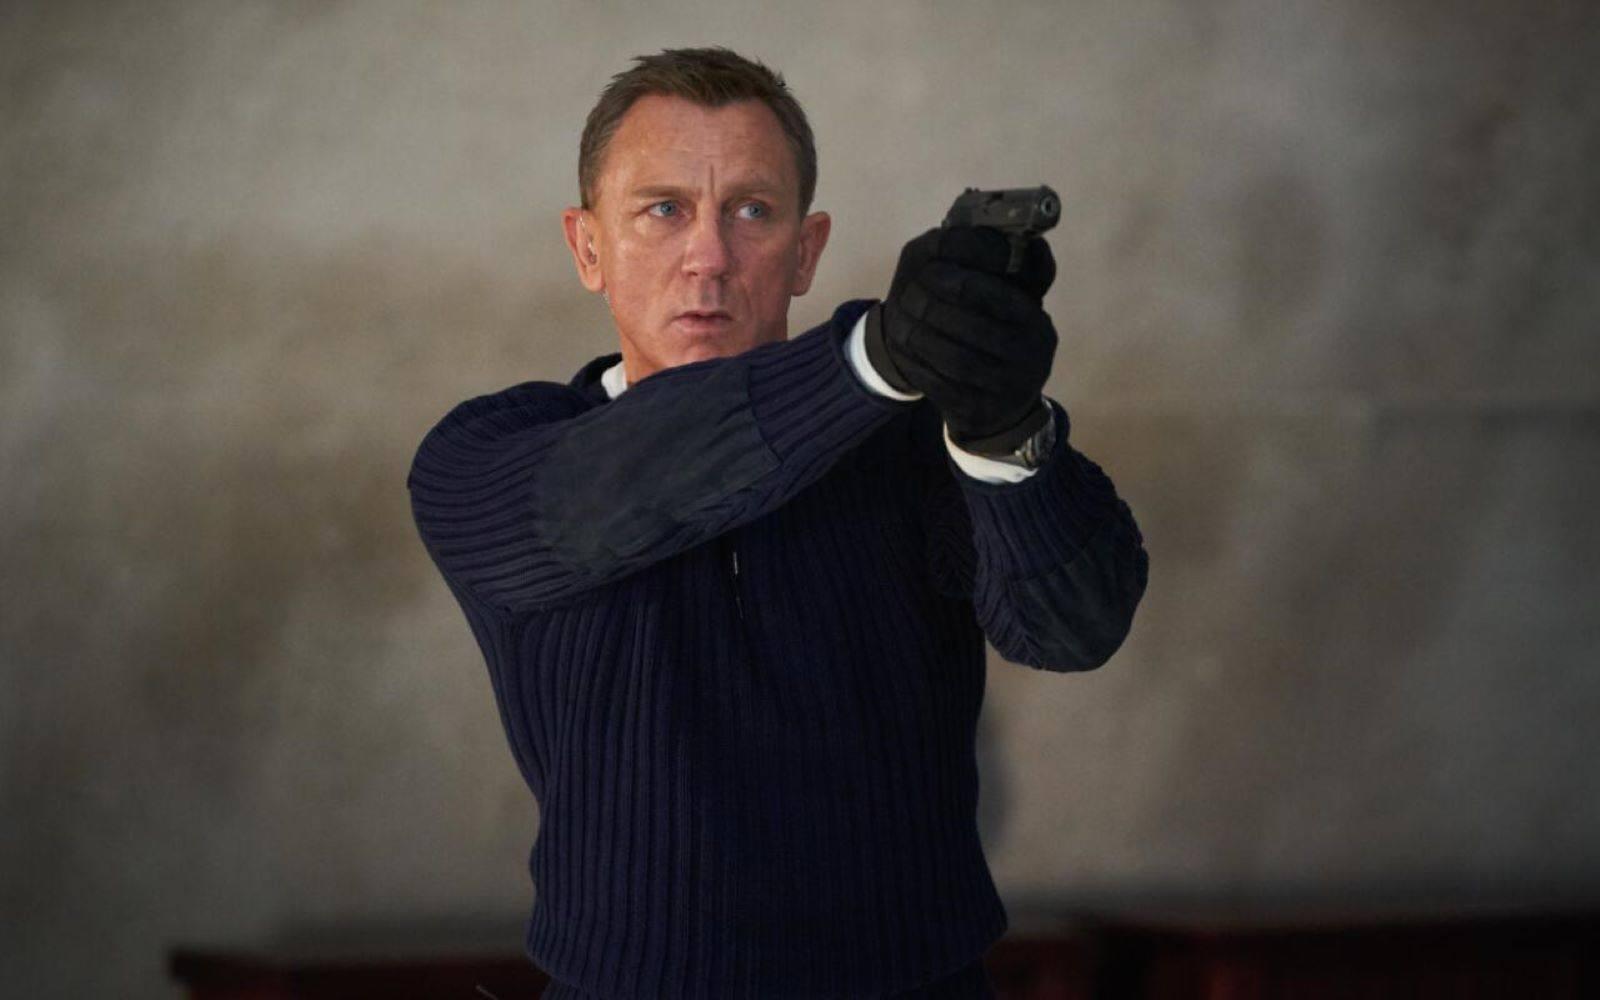 受疫情影响,《007:无暇赴死》宣布推迟上映